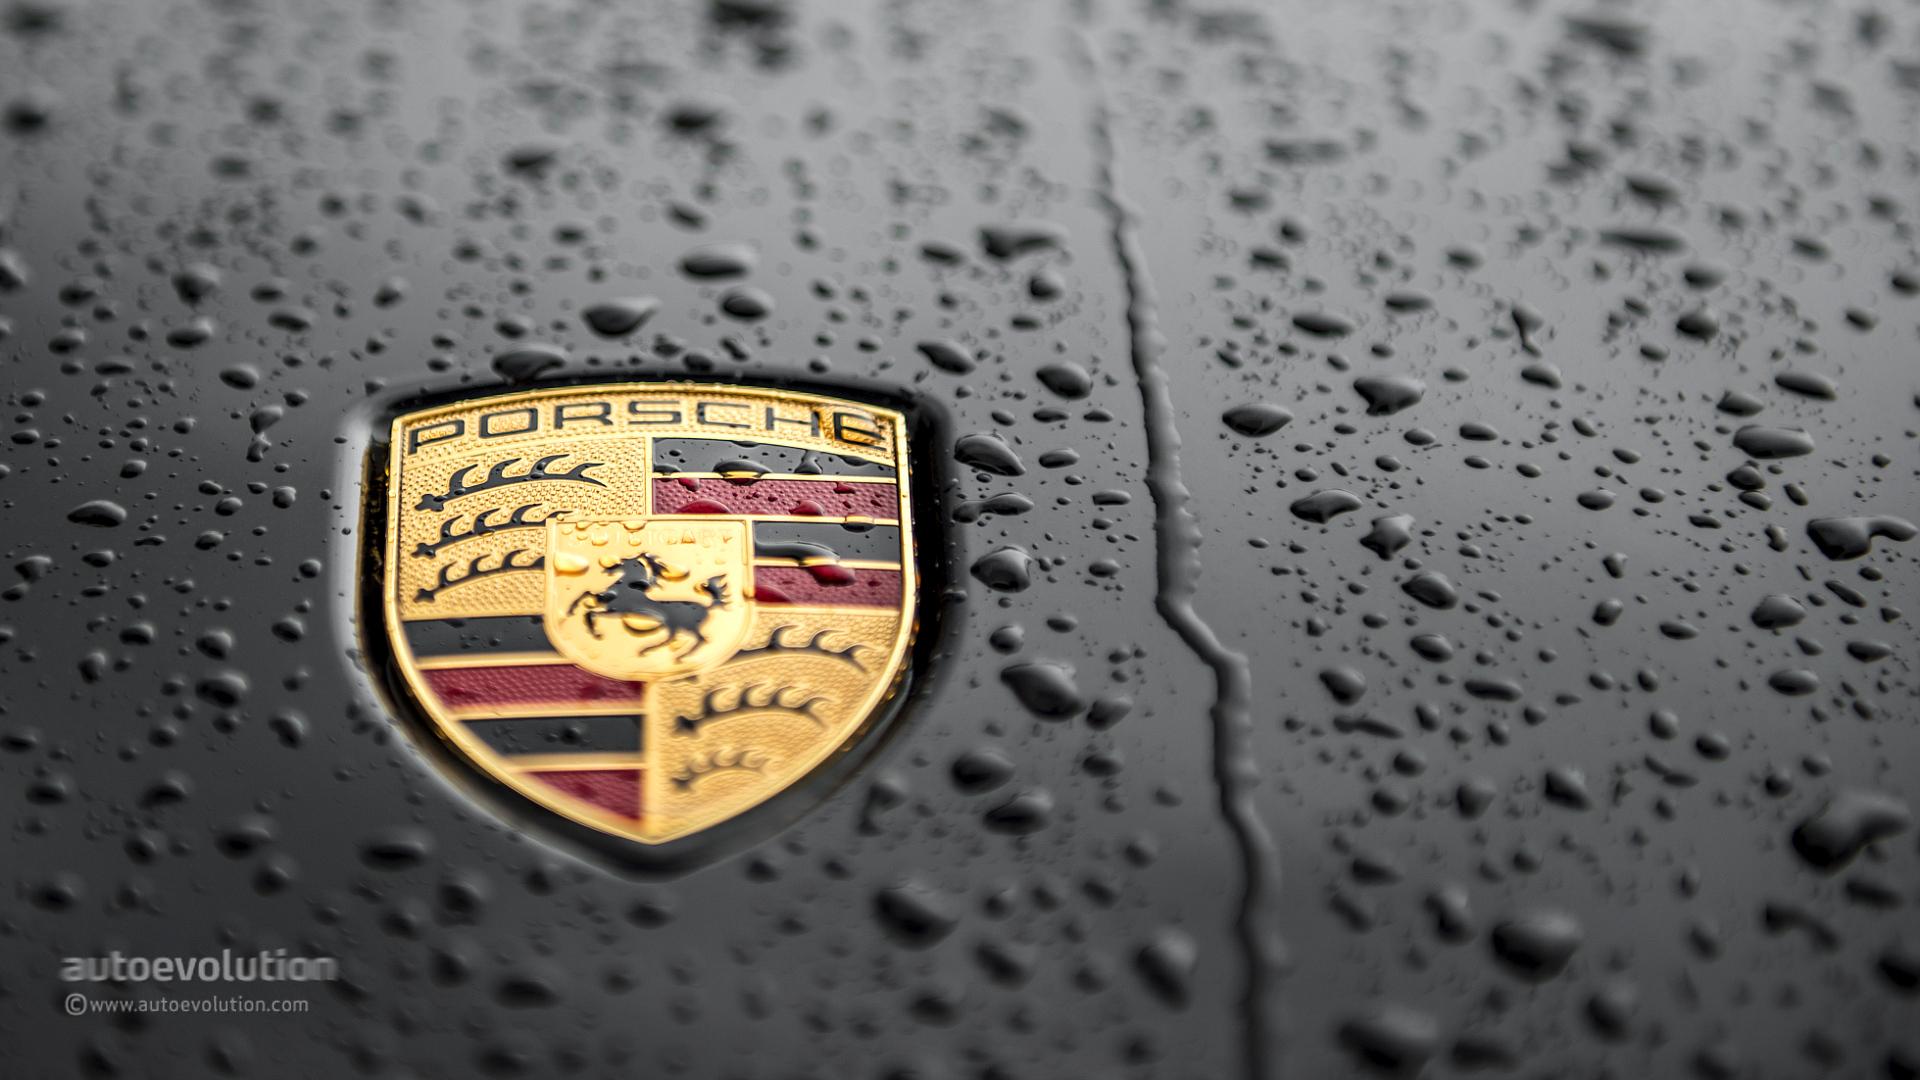 Porsche Macan Hd Wallpapers Autoevolution